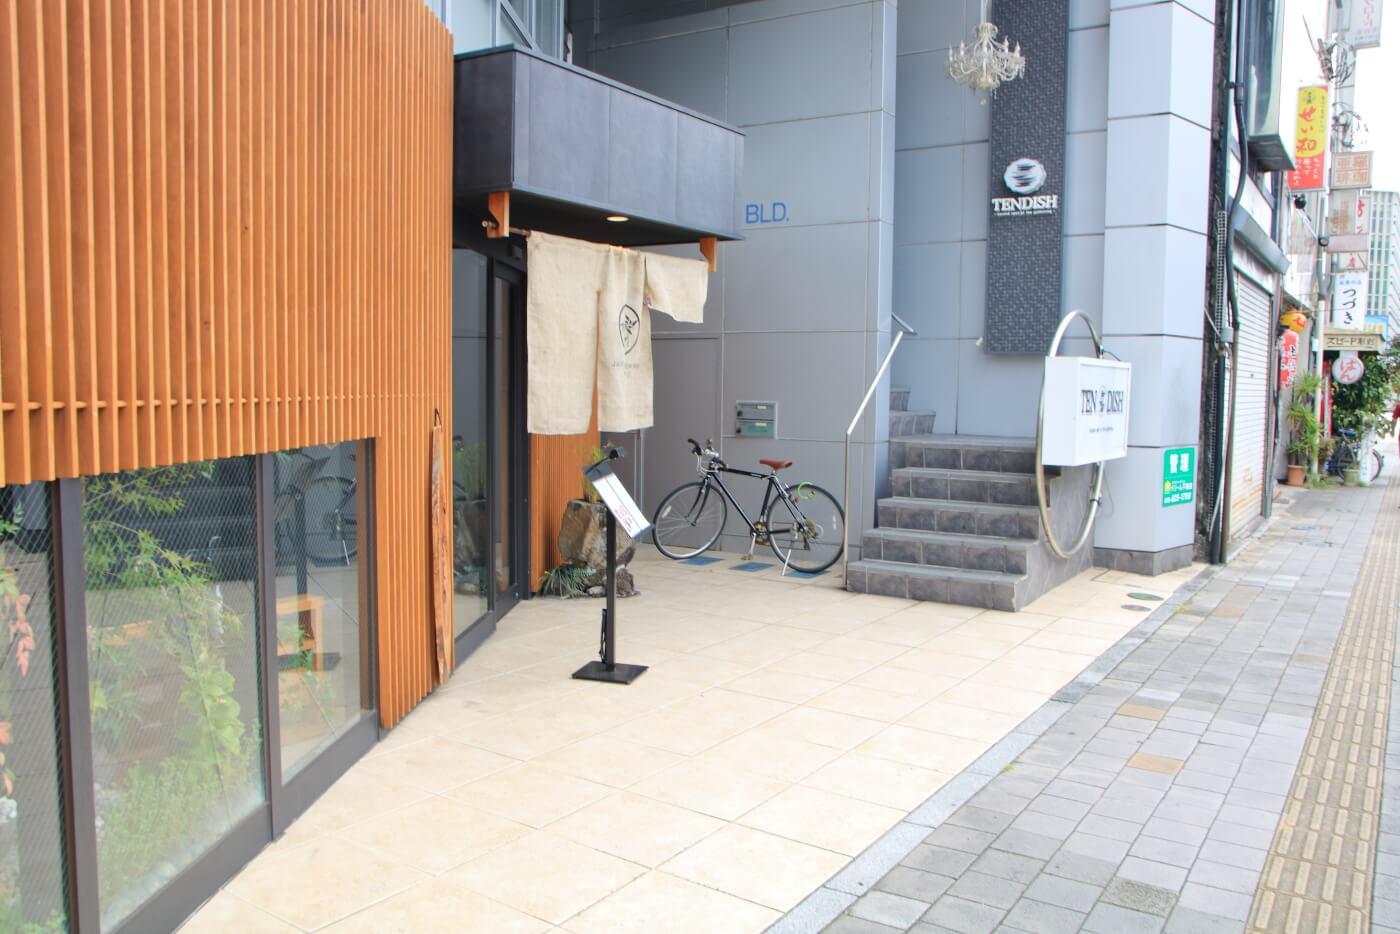 高知市の居酒屋 kataomoi(かたおもい)外観